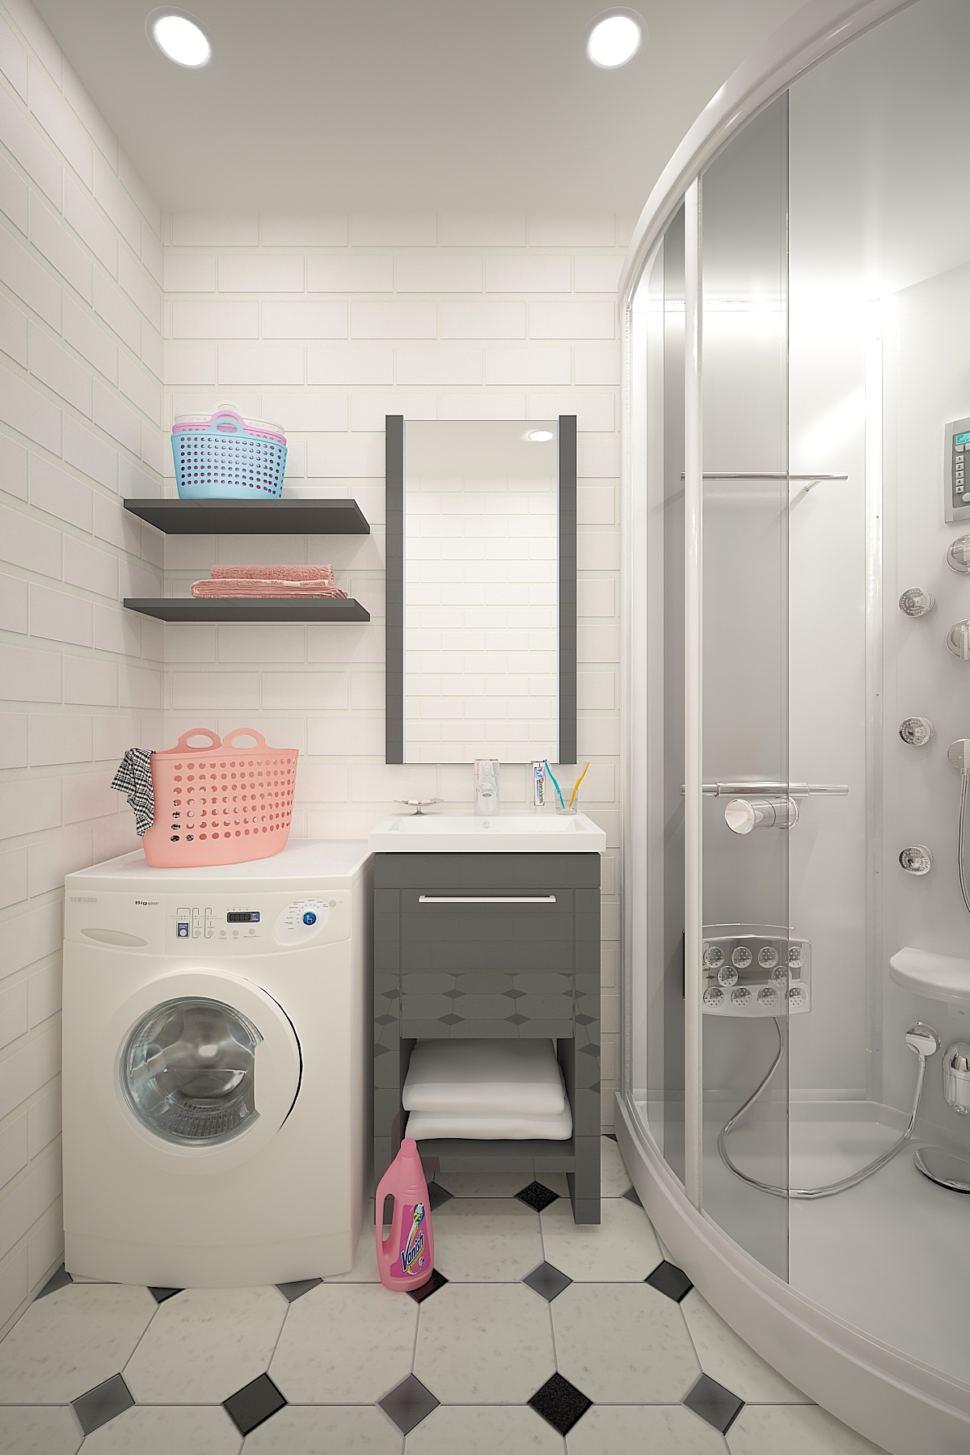 Дизайн душевой 4 кв.м в светлых оттенках с темными акцентами, стиральная машина, душевая, мойка, керамическая плитка, зеркало